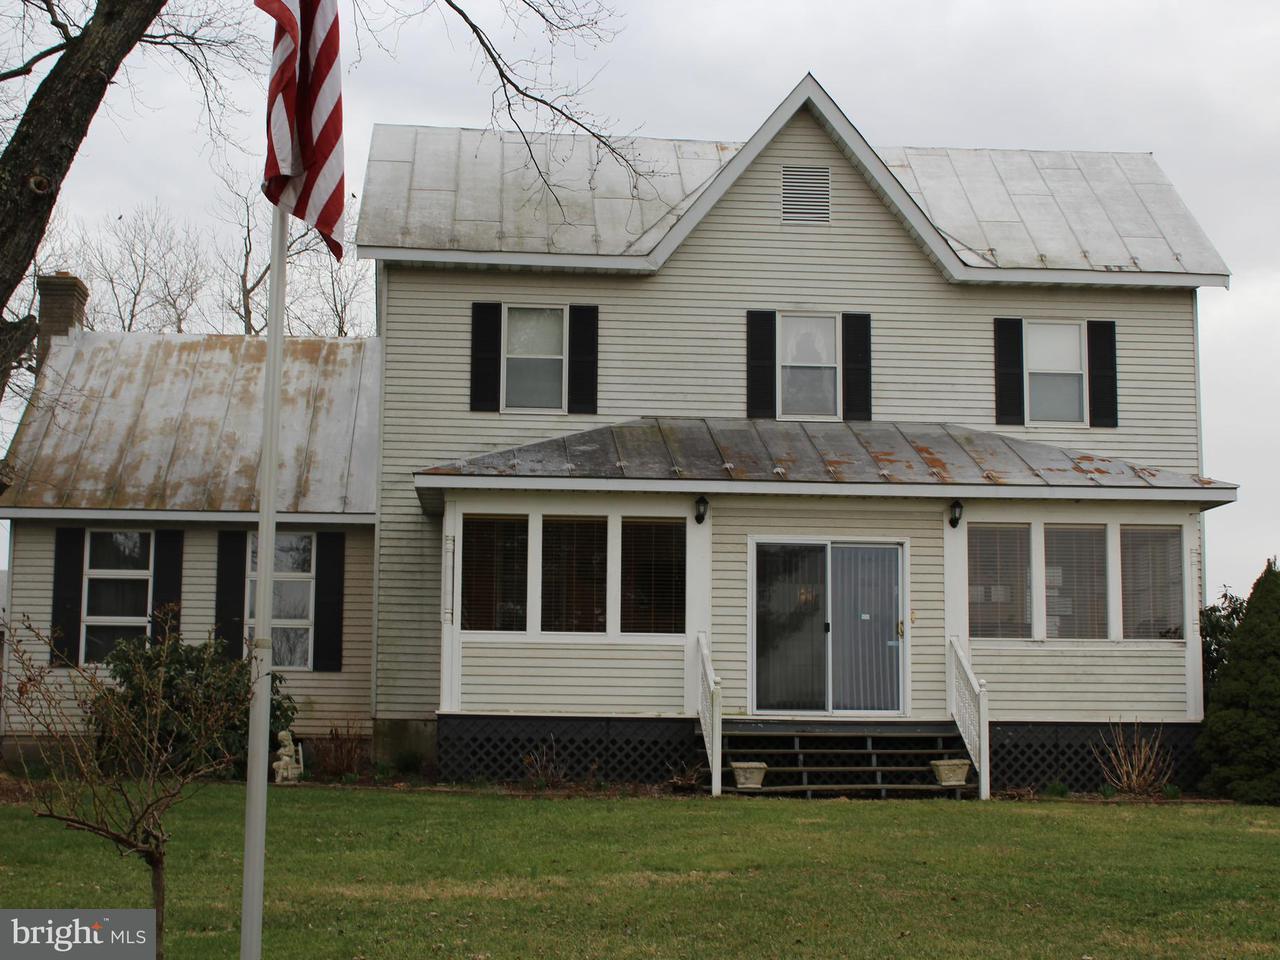 Οικόπεδο για την Πώληση στο 6641 Schoolhouse Road 6641 Schoolhouse Road Bealeton, Βιρτζινια 22712 Ηνωμενεσ Πολιτειεσ